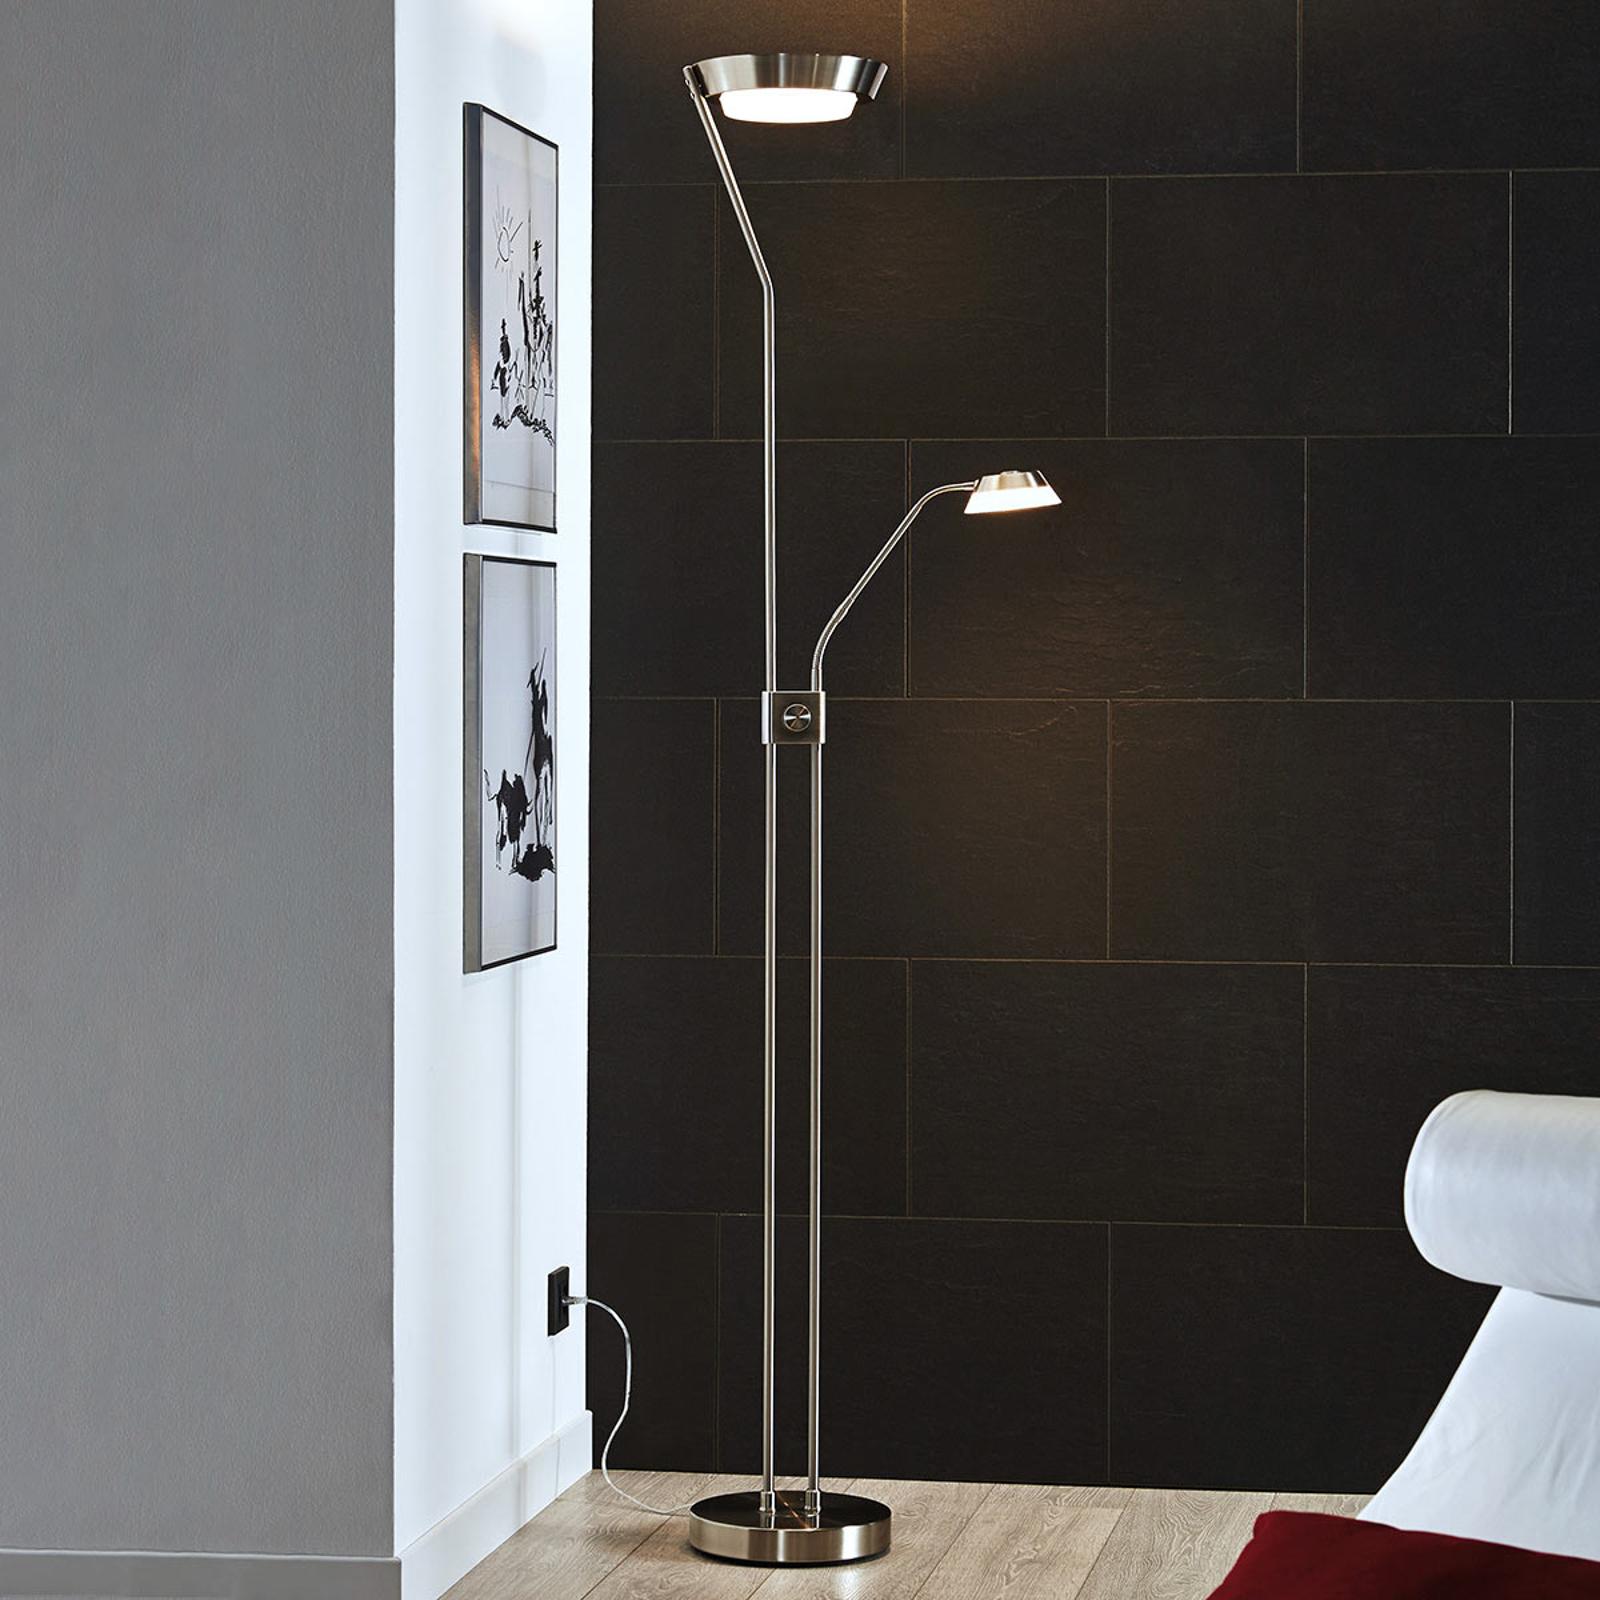 LED stojací lampa Sarrione z oceli, matný nikl